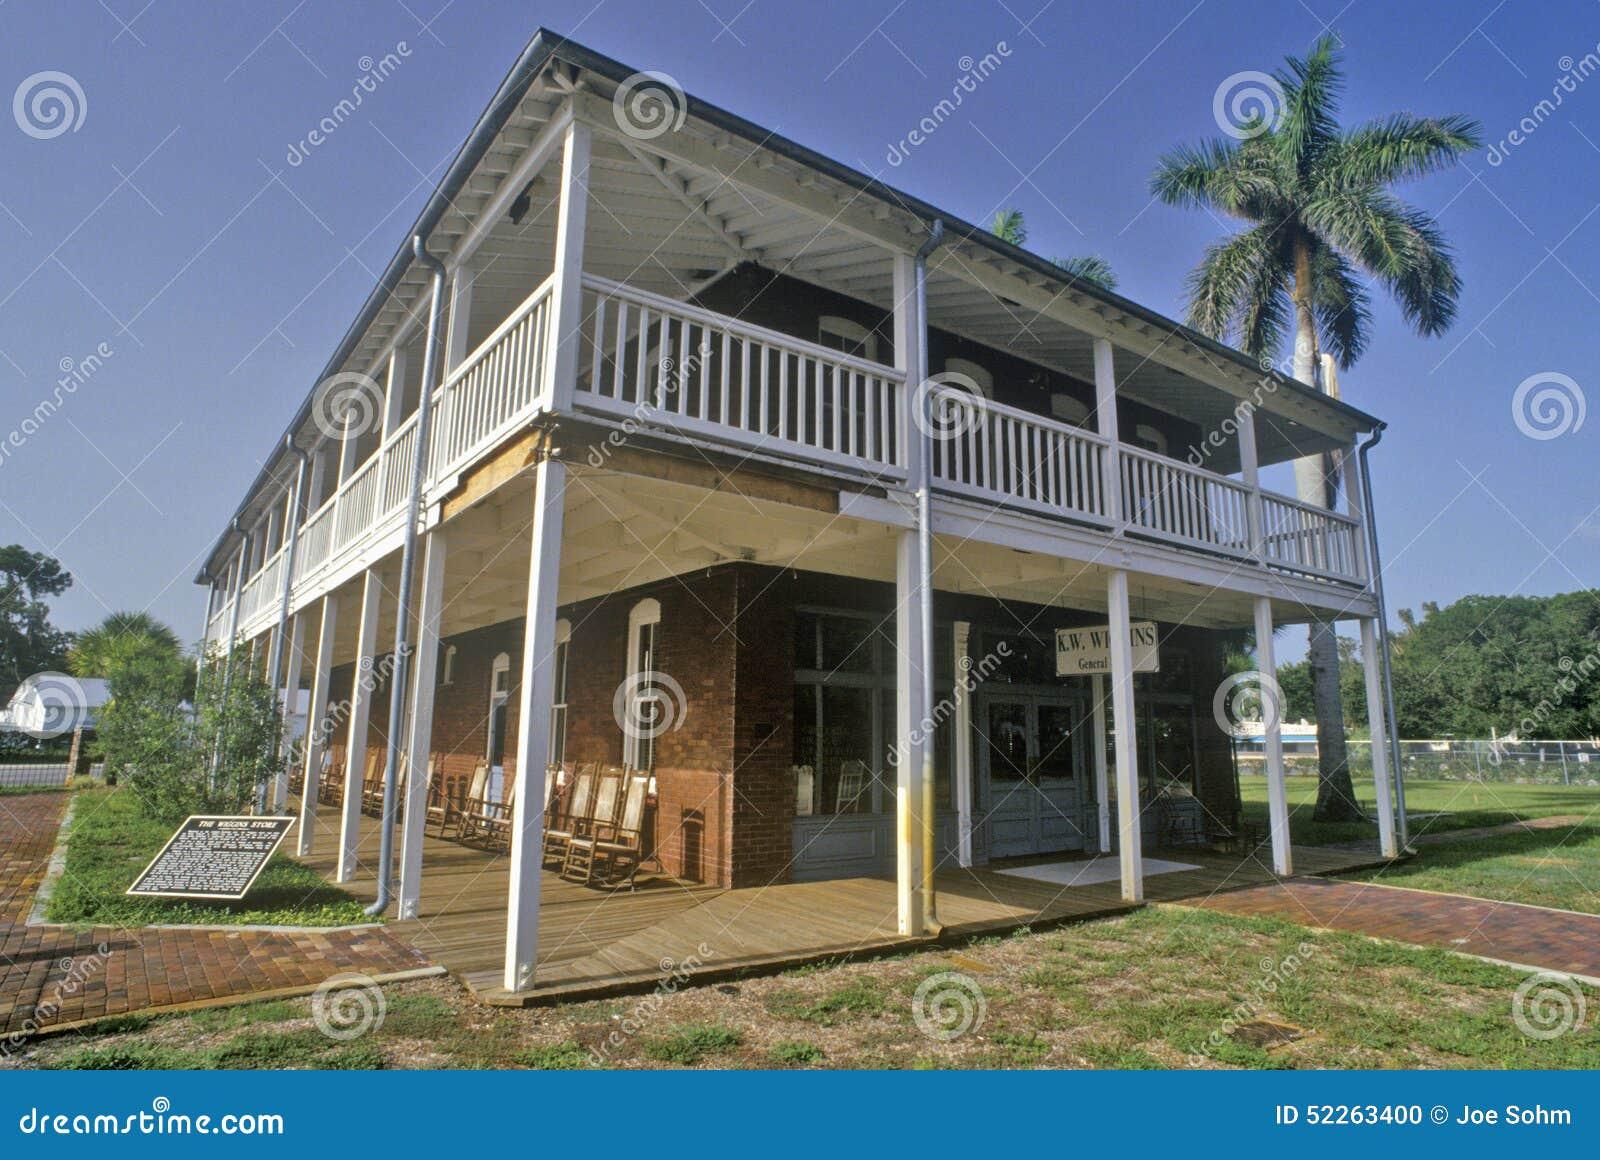 De Wiggins-Opslag bij het Manatee-Dorps Historische Park, Bradenton, Florida